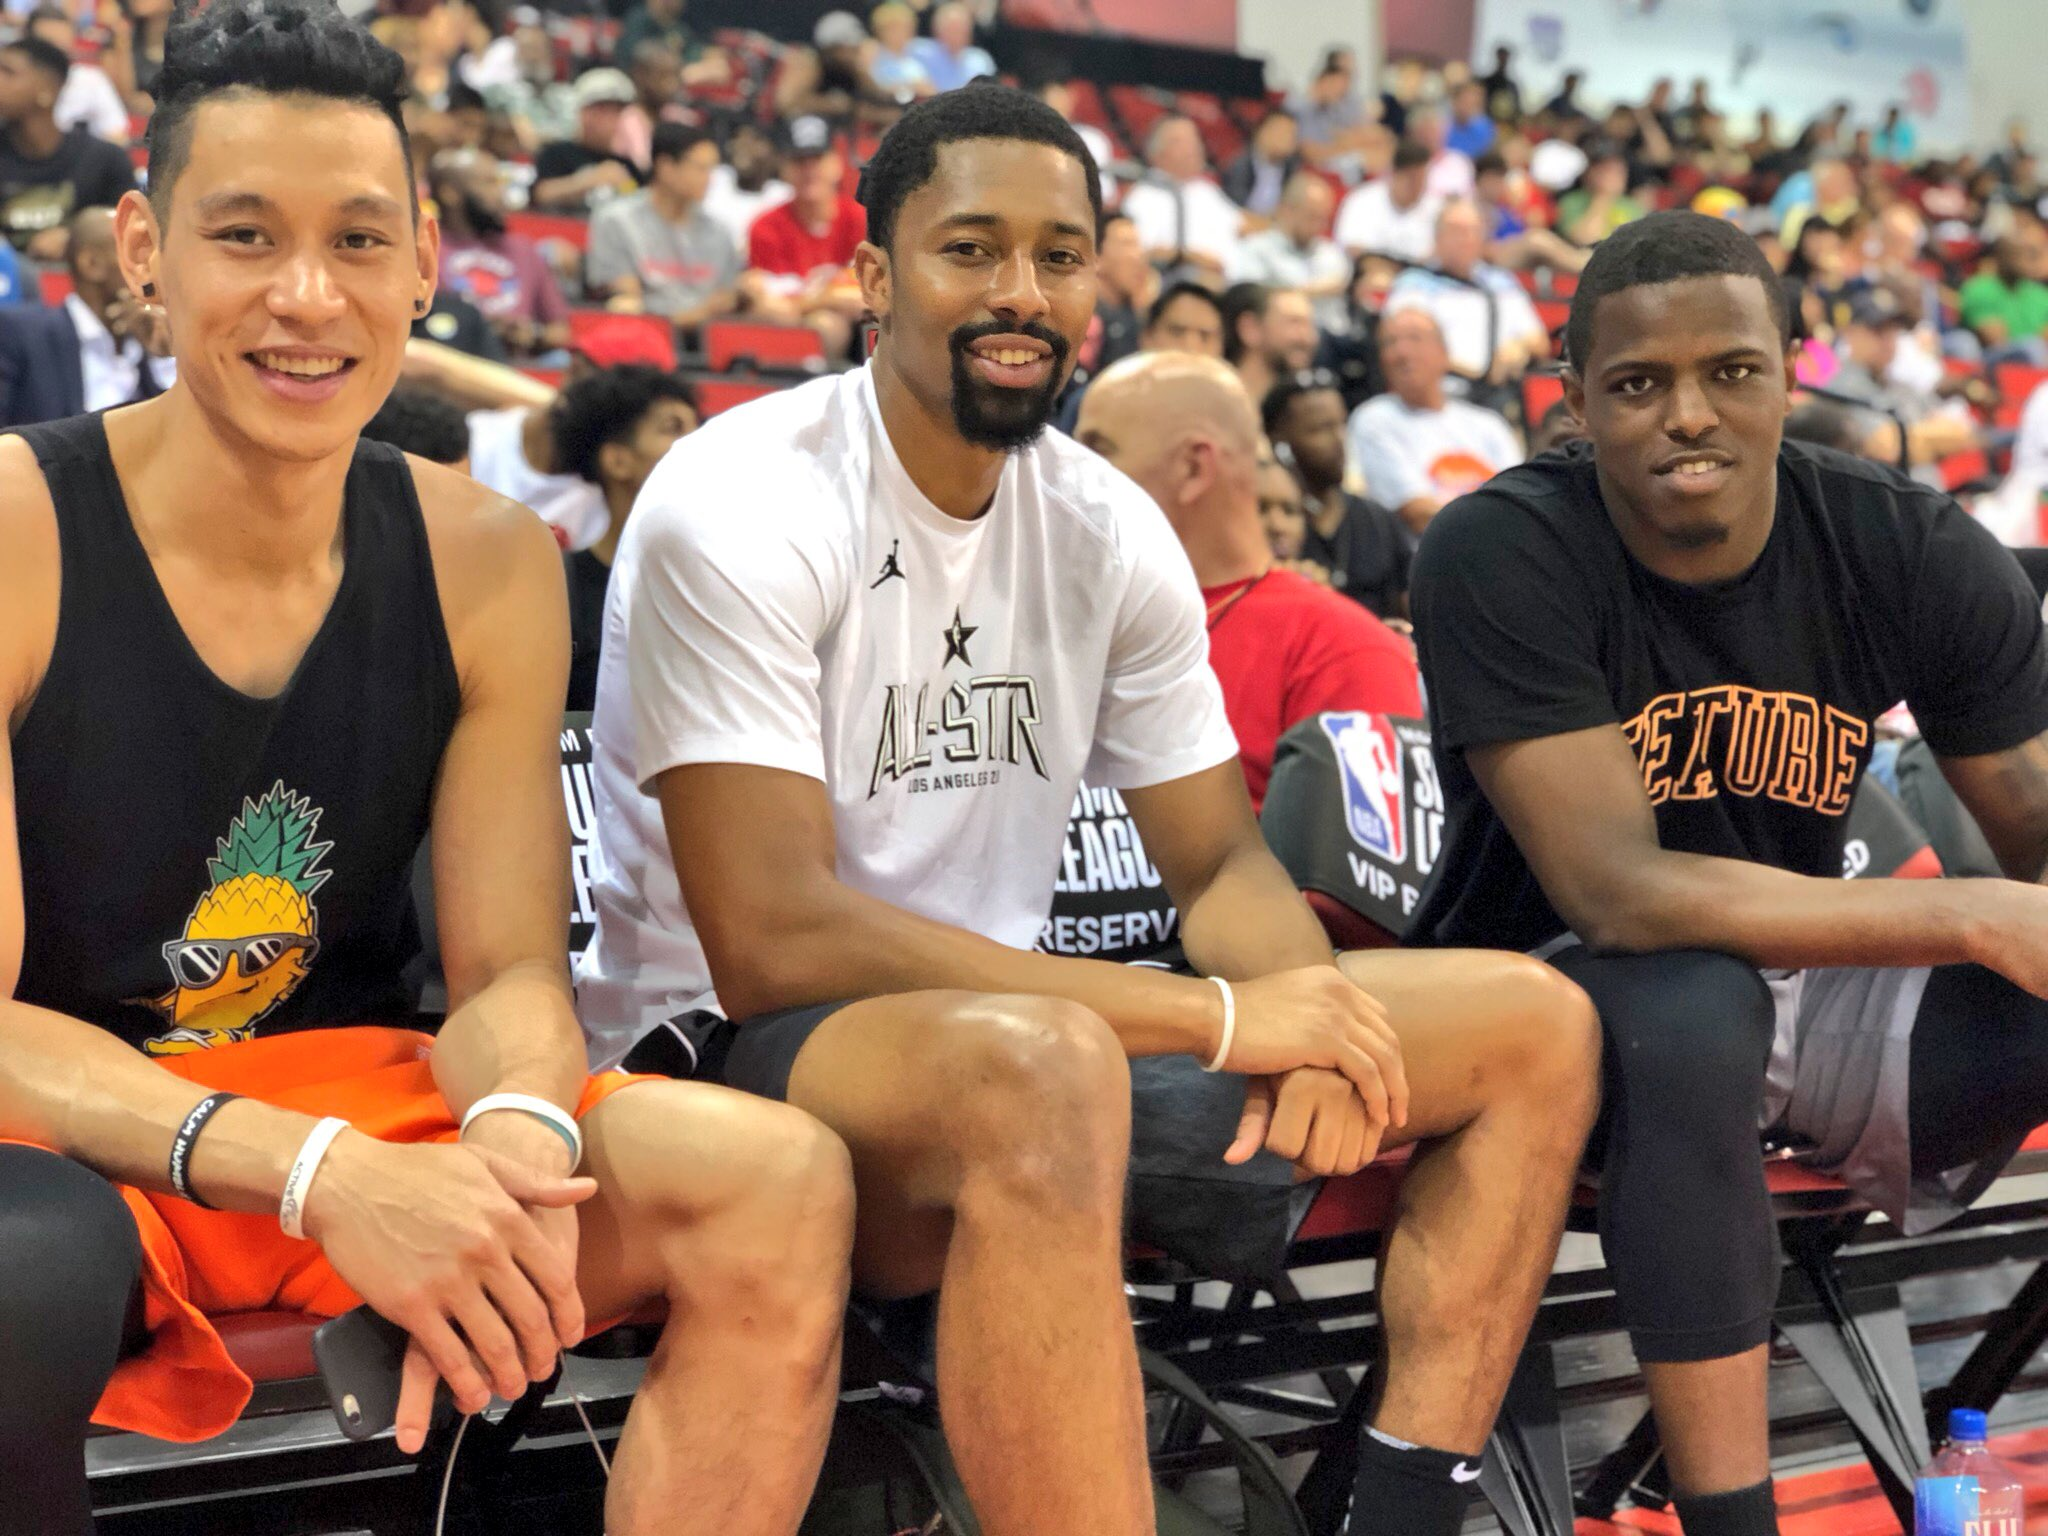 B R O O K L Y N.  Rockets / @BrooklynNets on ESPN2 NOW! #NBASummer https://t.co/EWzl1q6iBm